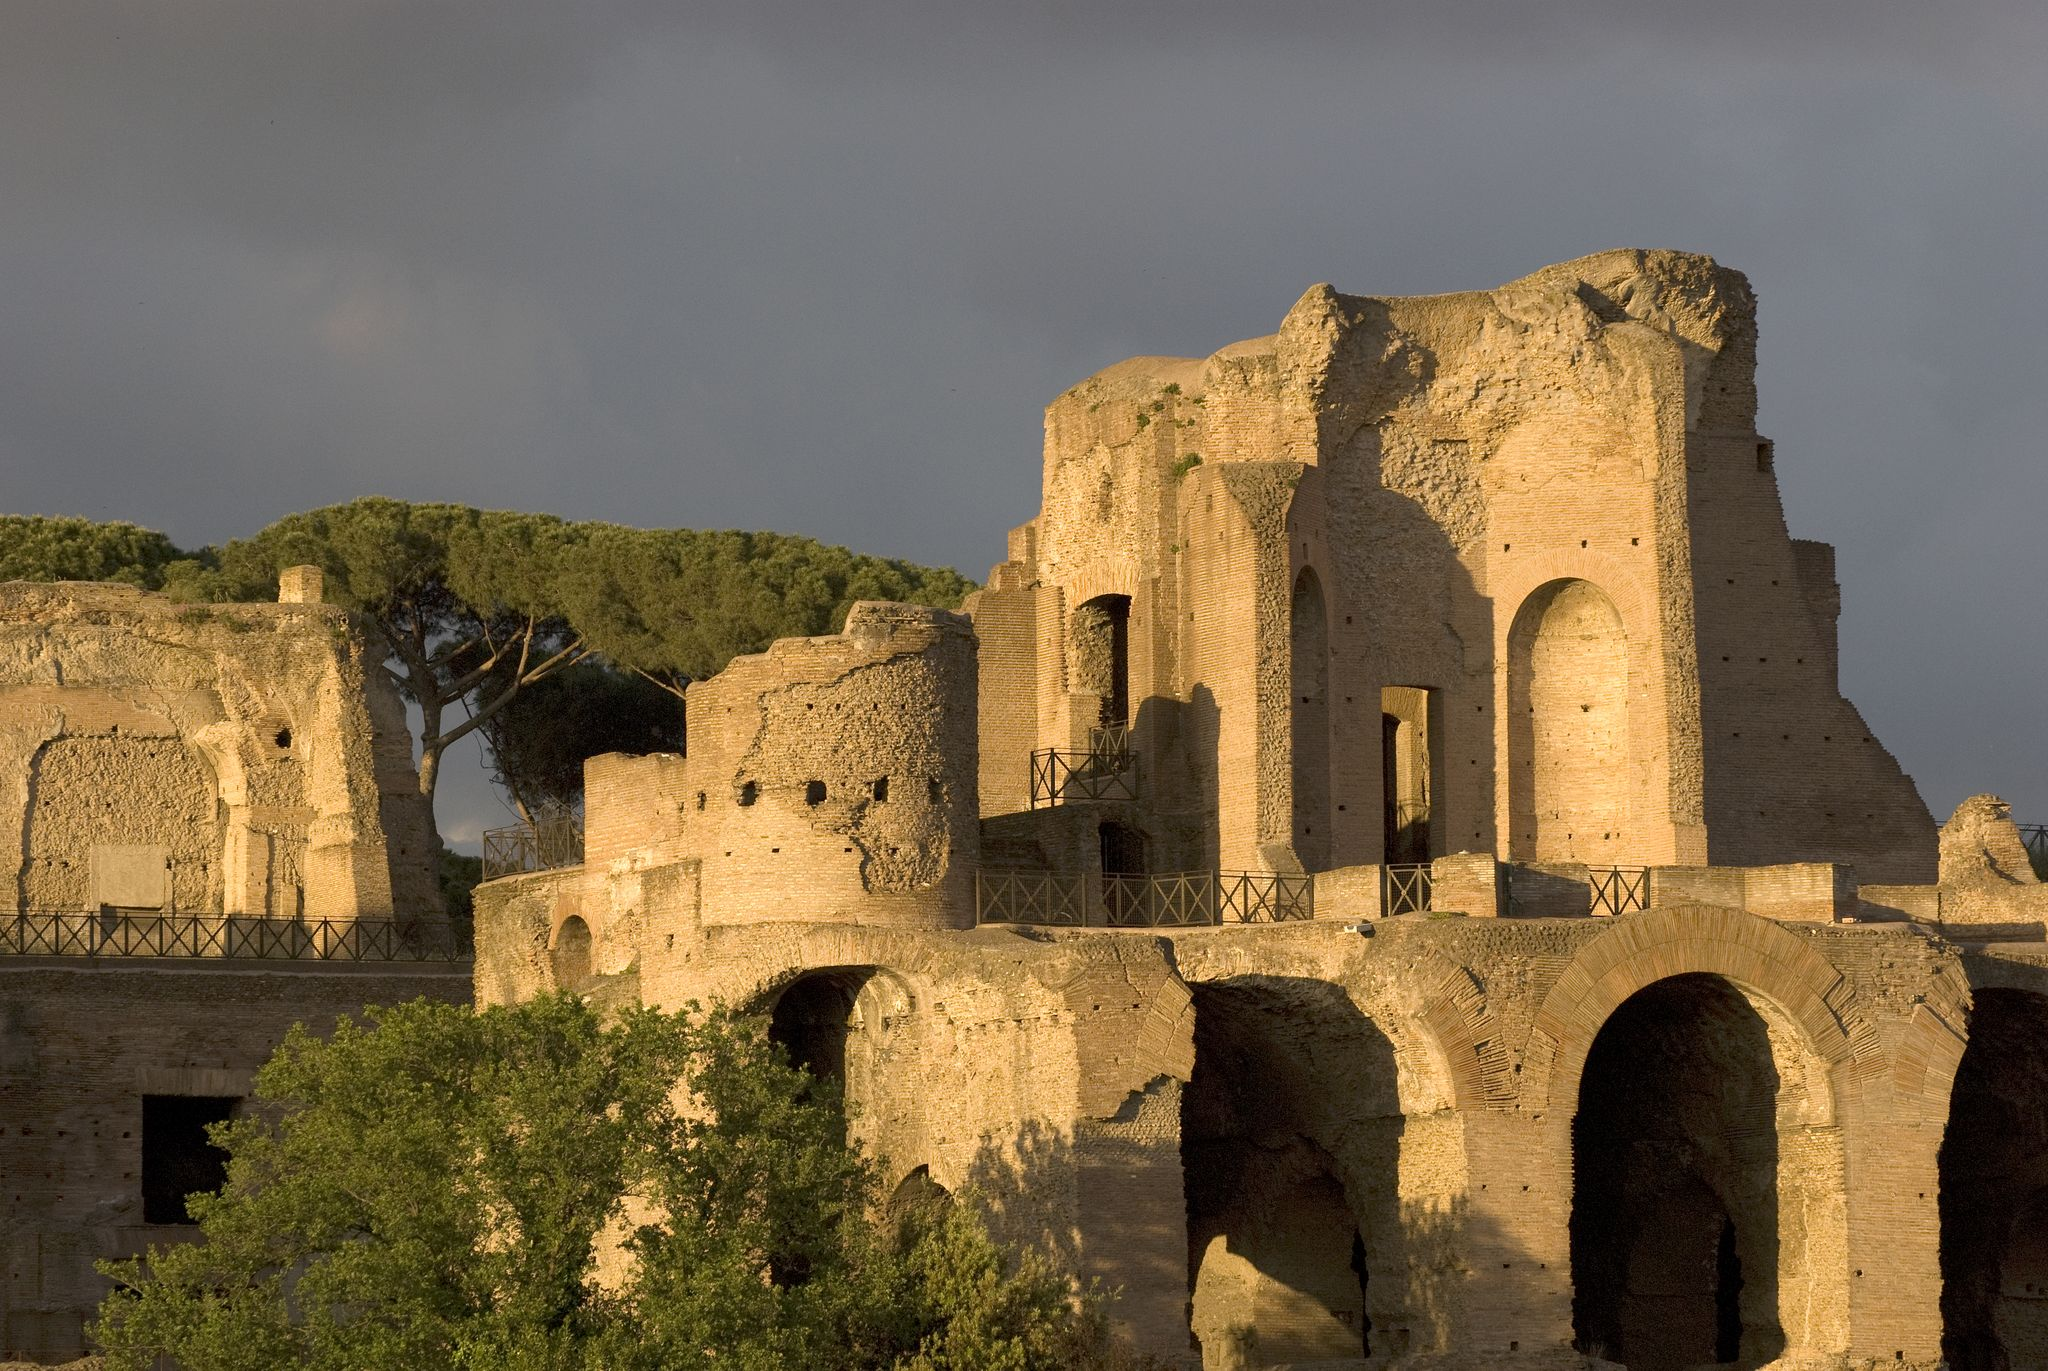 Il Palatino, laddove bellezza e ferocia s'incontrarono per scrivere la storia di Roma - visita guidata con biglietto d'ingresso gratuito domenica 07/02/16, h 11.00